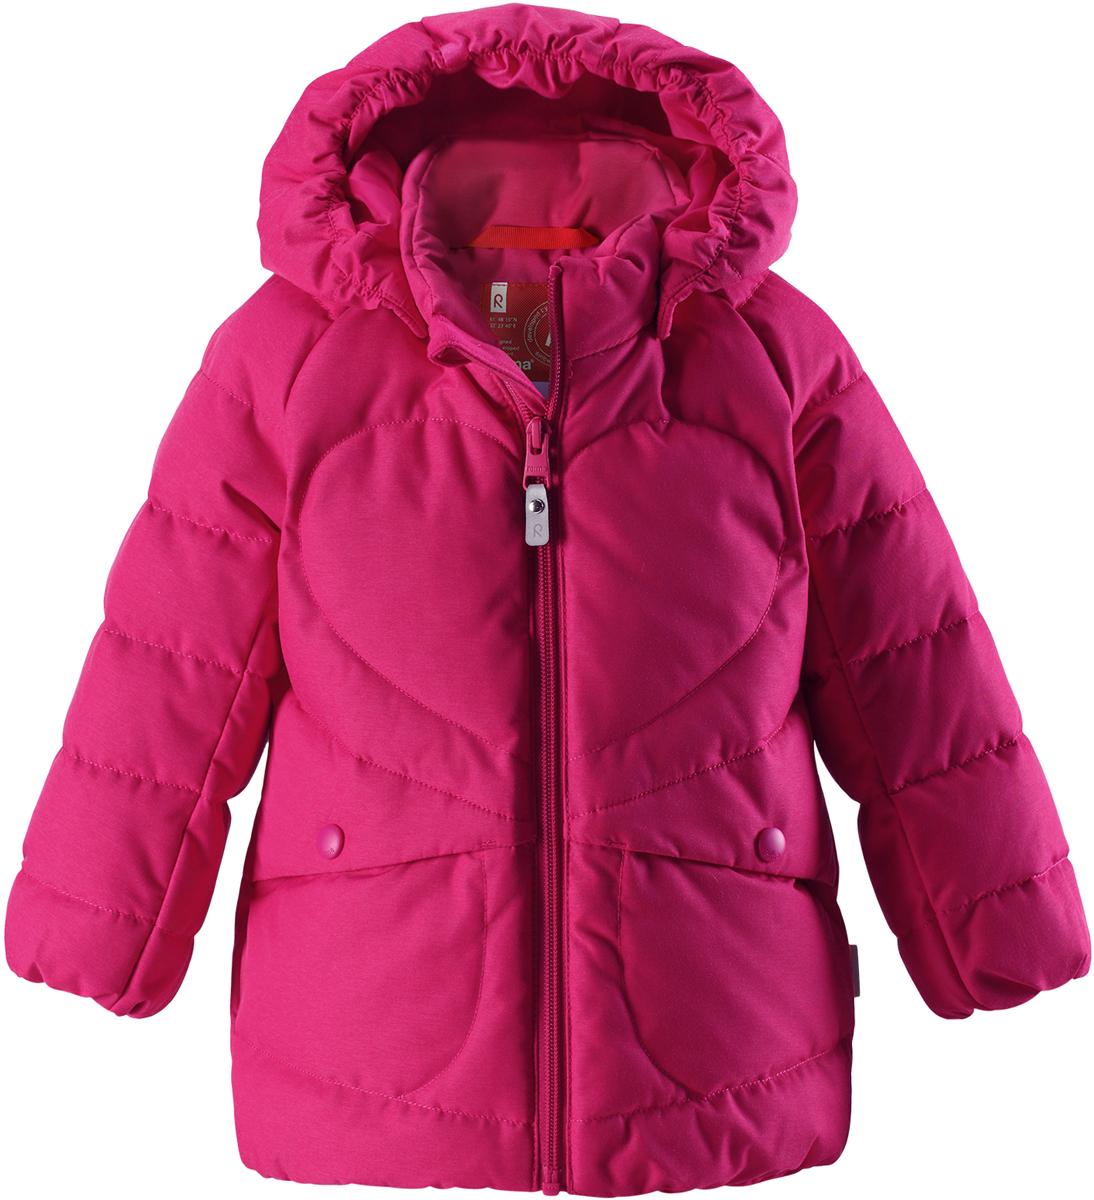 Пуховик для девочки Reima Loiste, цвет: розовый. 5112603560. Размер 1105112603560Невероятно теплый, практичный и абсолютно непромокаемый пуховик просто создан для активных зимних прогулок!Эту куртку из водо- и грязеотталкивающего материла рекомендуется носить в сухую морозную зимнюю погоду. Куртка снабжена безопасным съемным капюшоном и двумя боковыми карманами. Обратите внимание на забавную строчку и стильную матовую поверхность ткани!Высокая степень утепления.